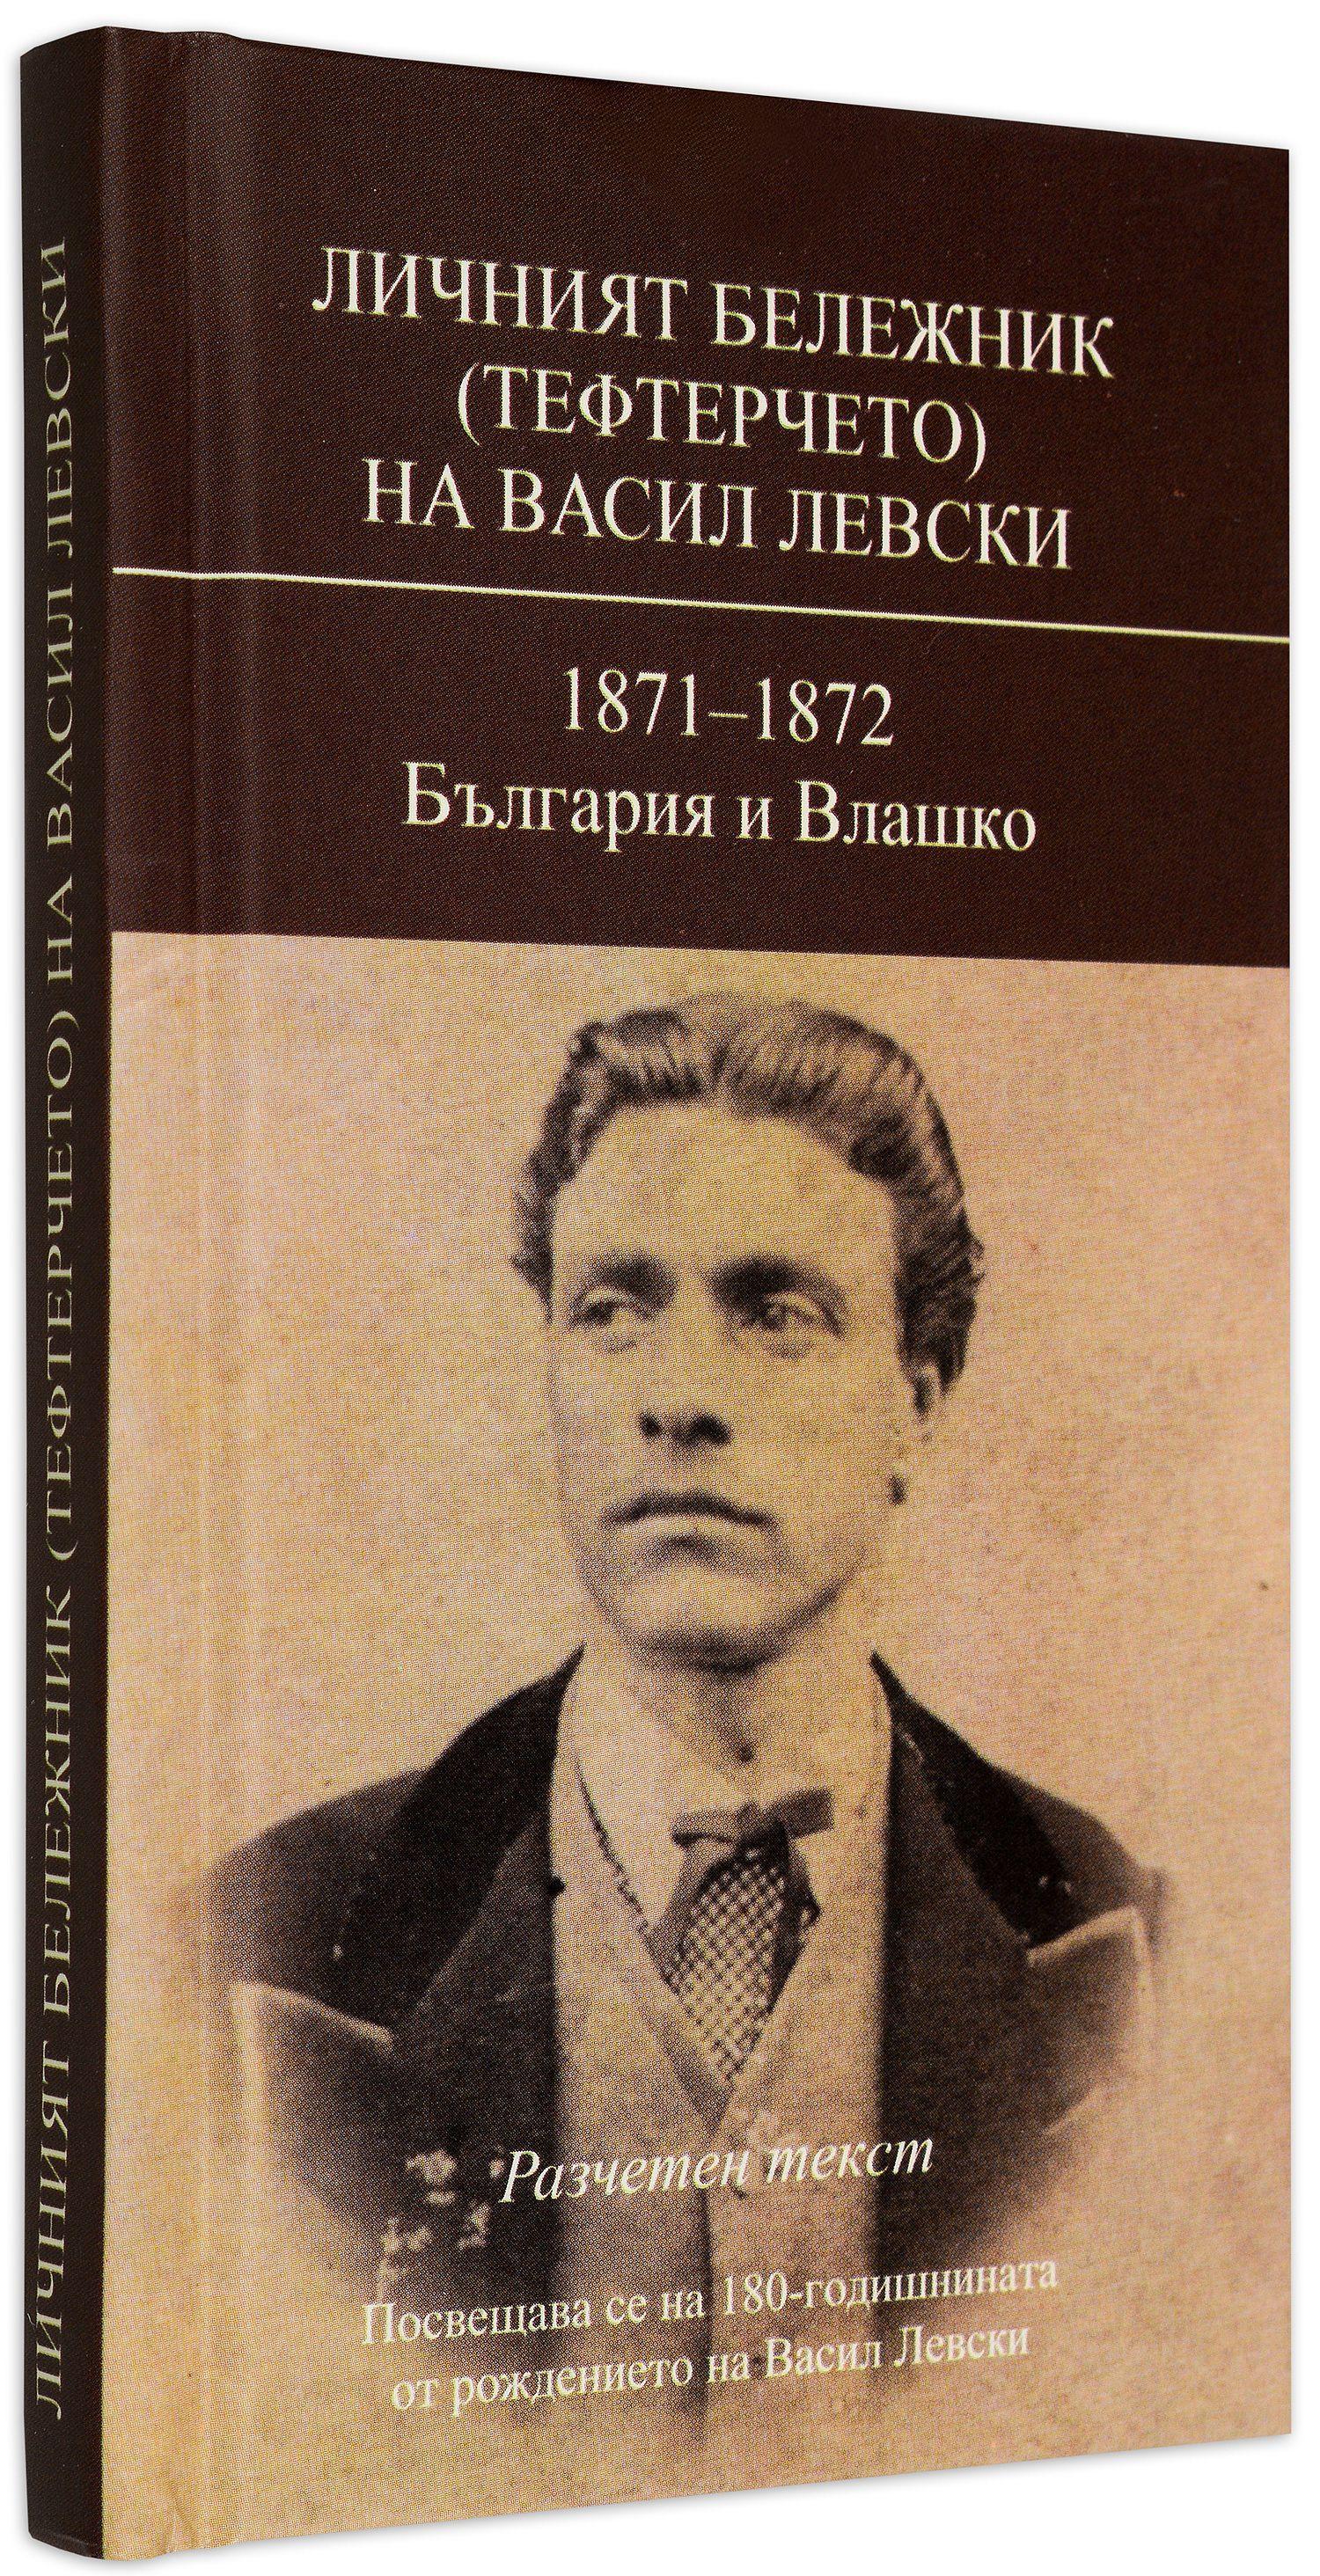 Личният бележник (тефтерчето) на Васил Левски. 1871-1872. България и Влашко - 10